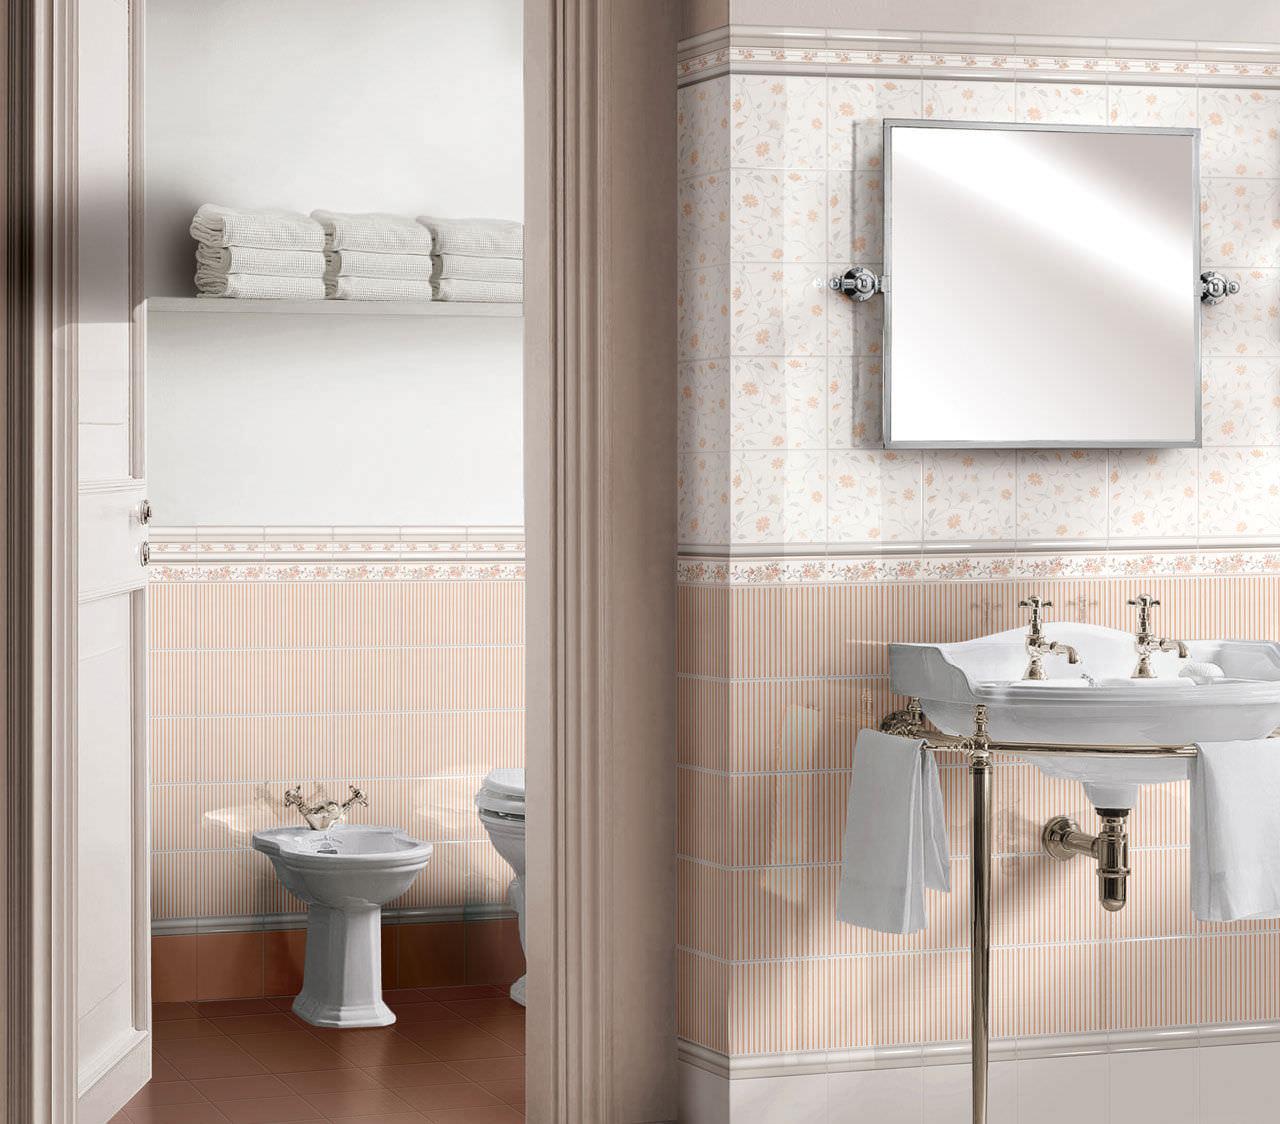 piastrella da bagno da parete per pavimento in gres porcellanato ricordi romantica brennero